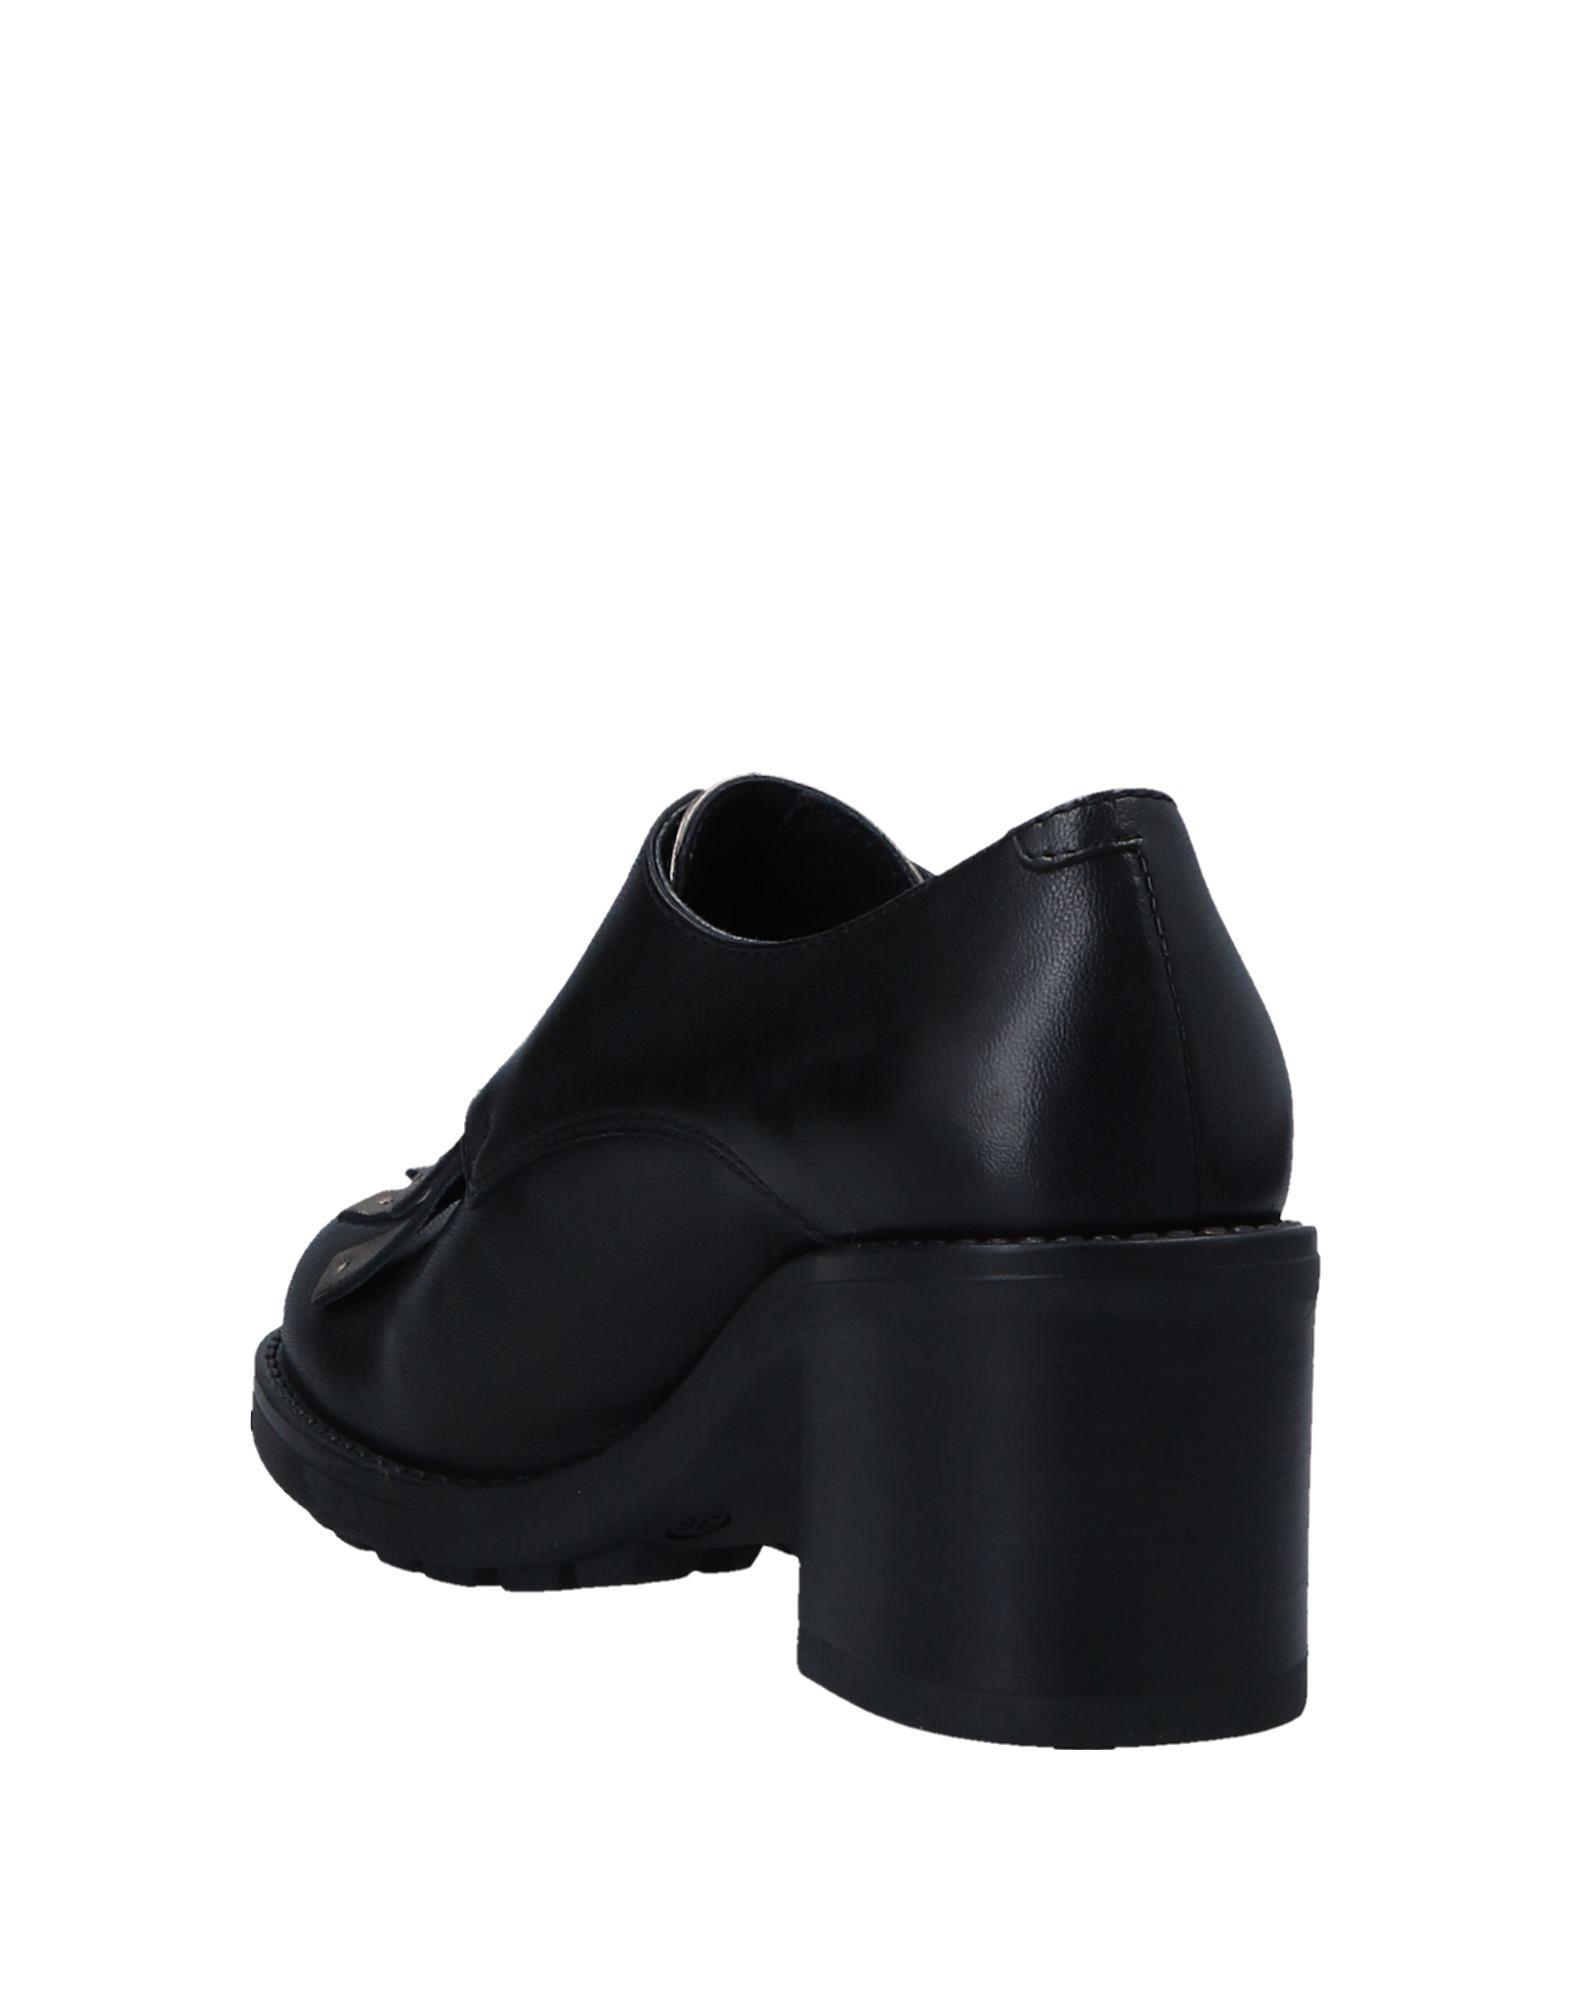 Tosca Blu 11556620QM Shoes Schnürschuhe Damen  11556620QM Blu  b1e7ef